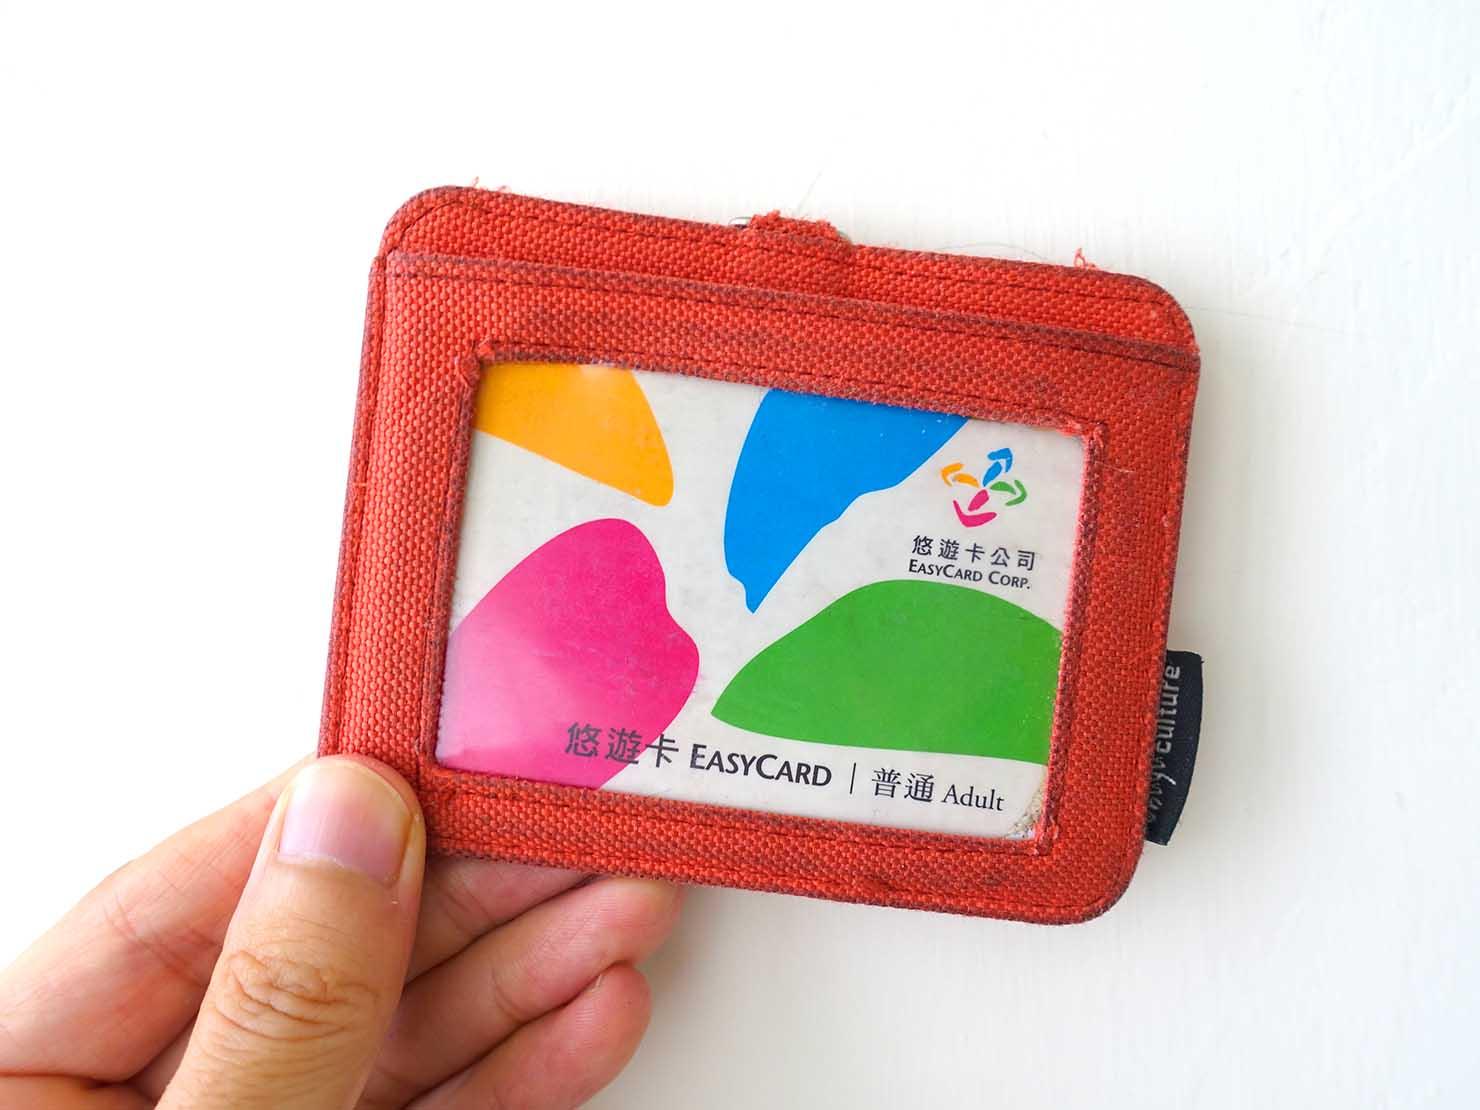 台湾の交通ICカード「悠遊卡(EasyCard)」